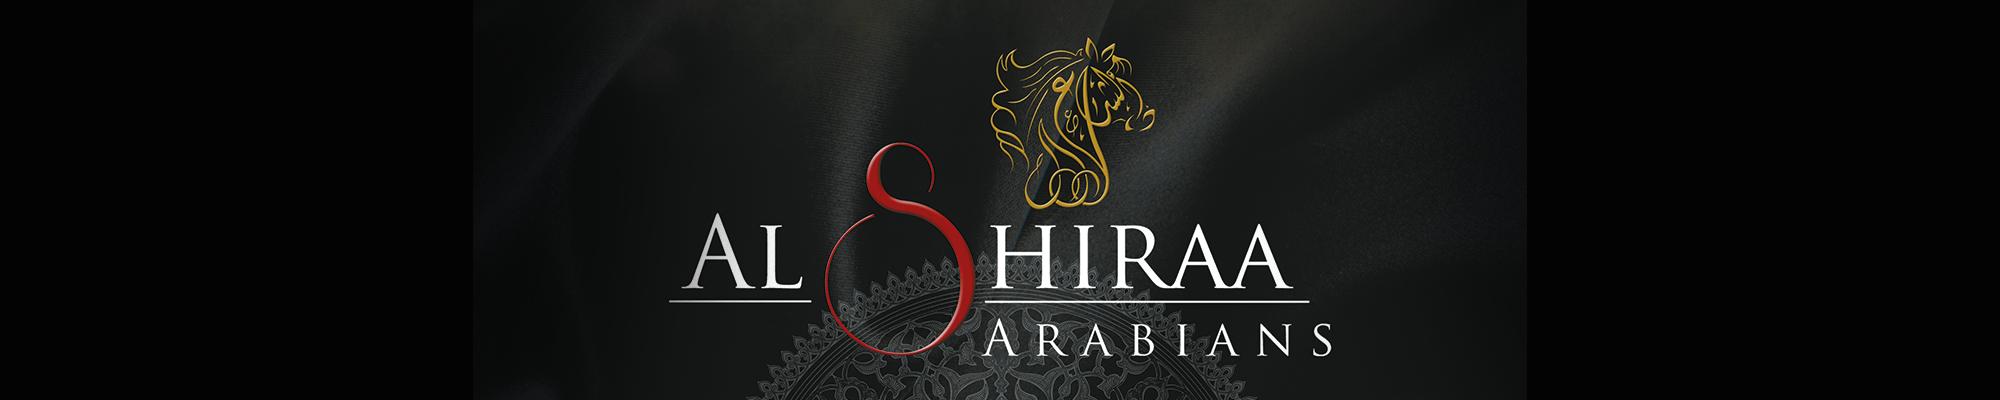 Al-shiraa